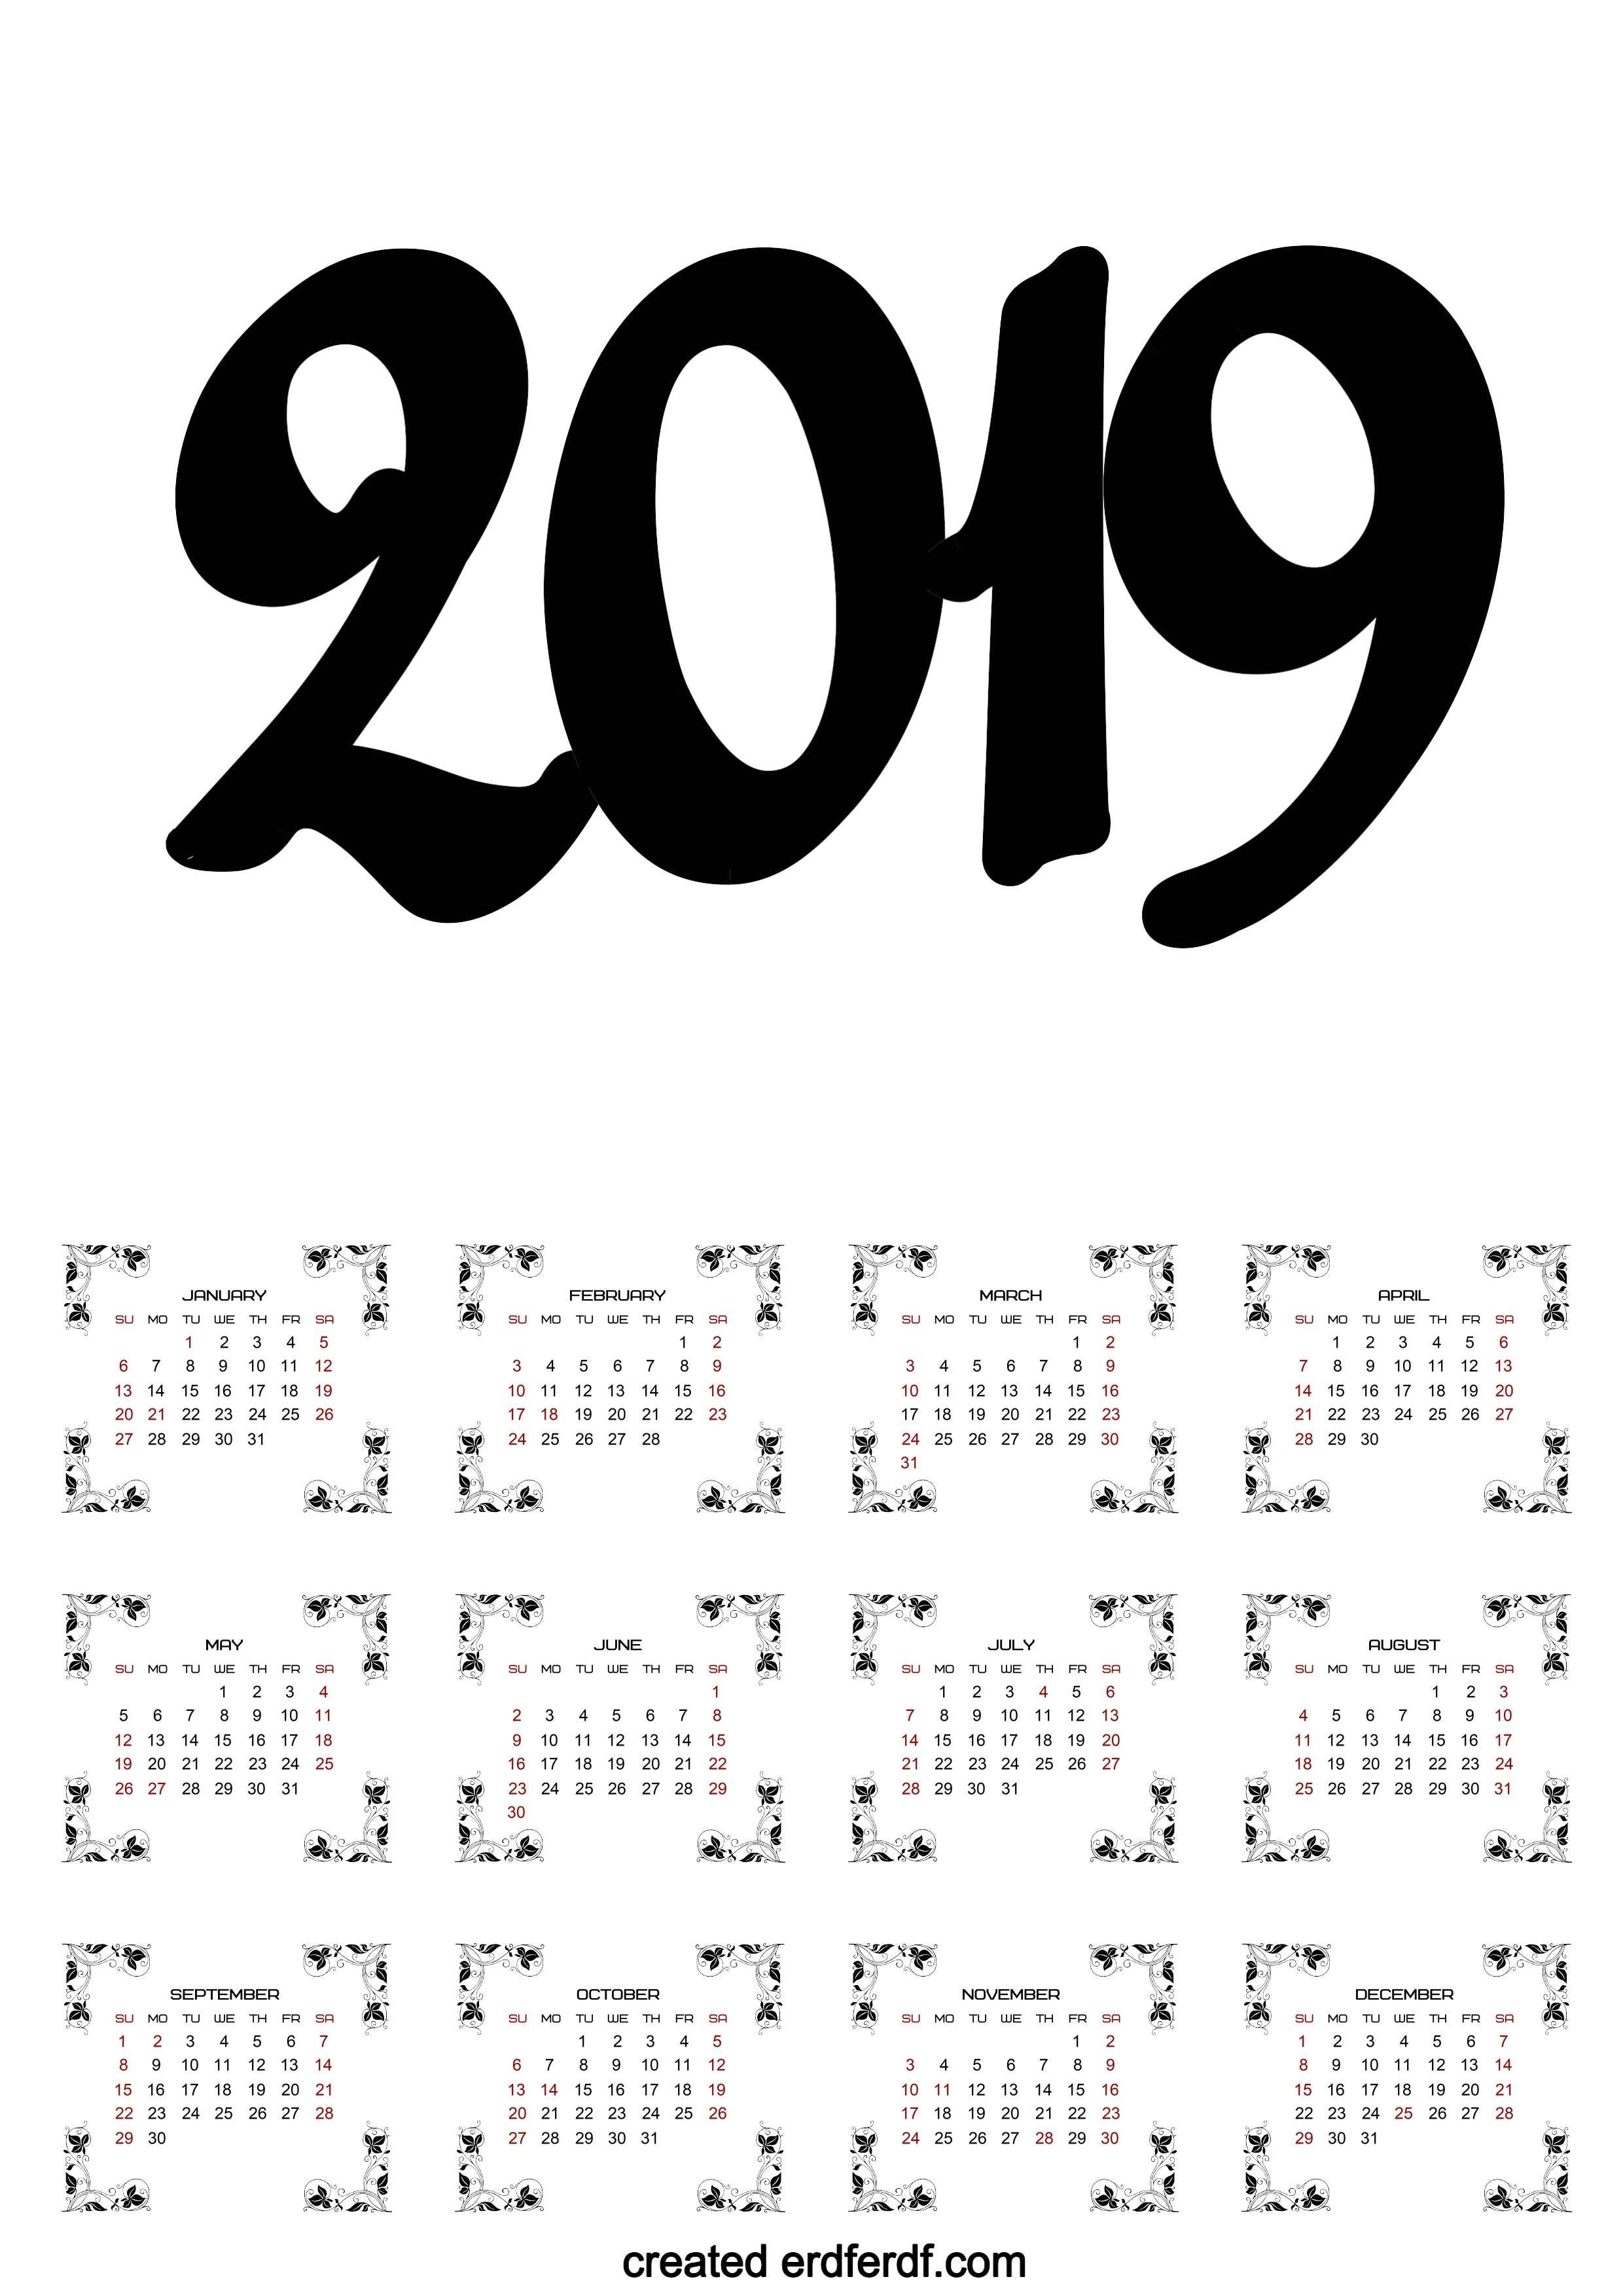 A3 Calendar 2019 Printable One Page Clasic erdferdf com frame